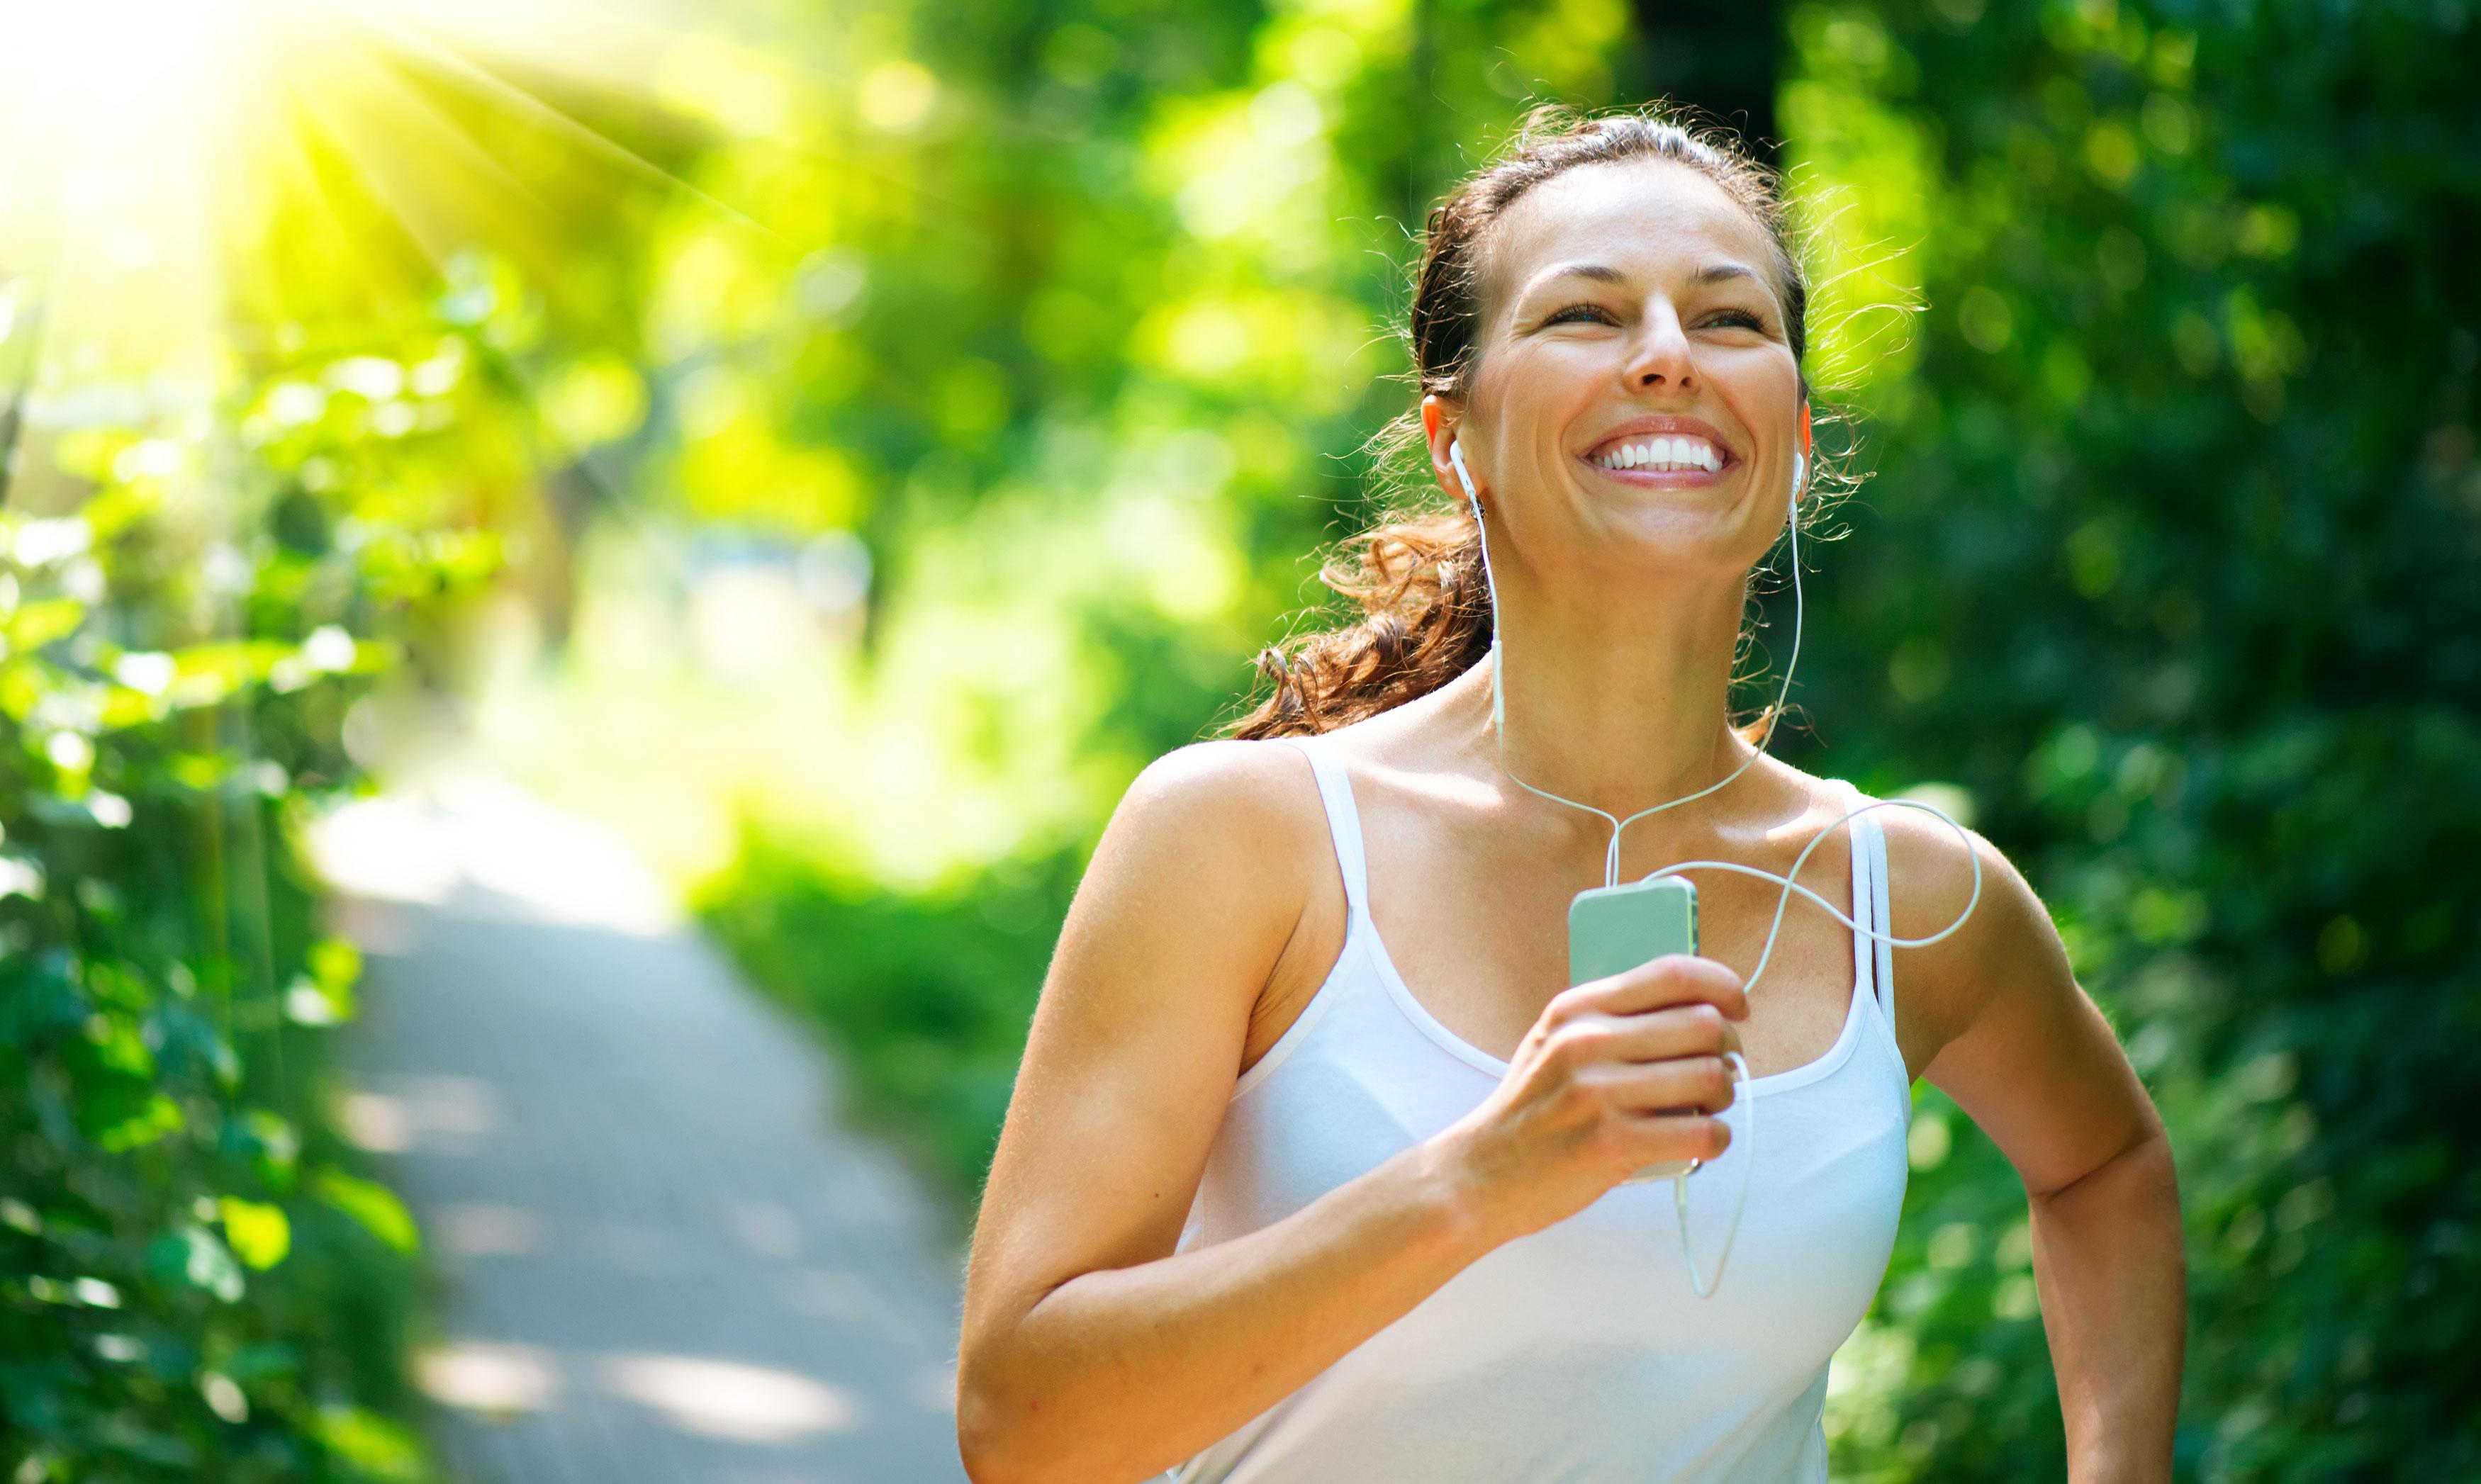 Egészséges életmód futó nő